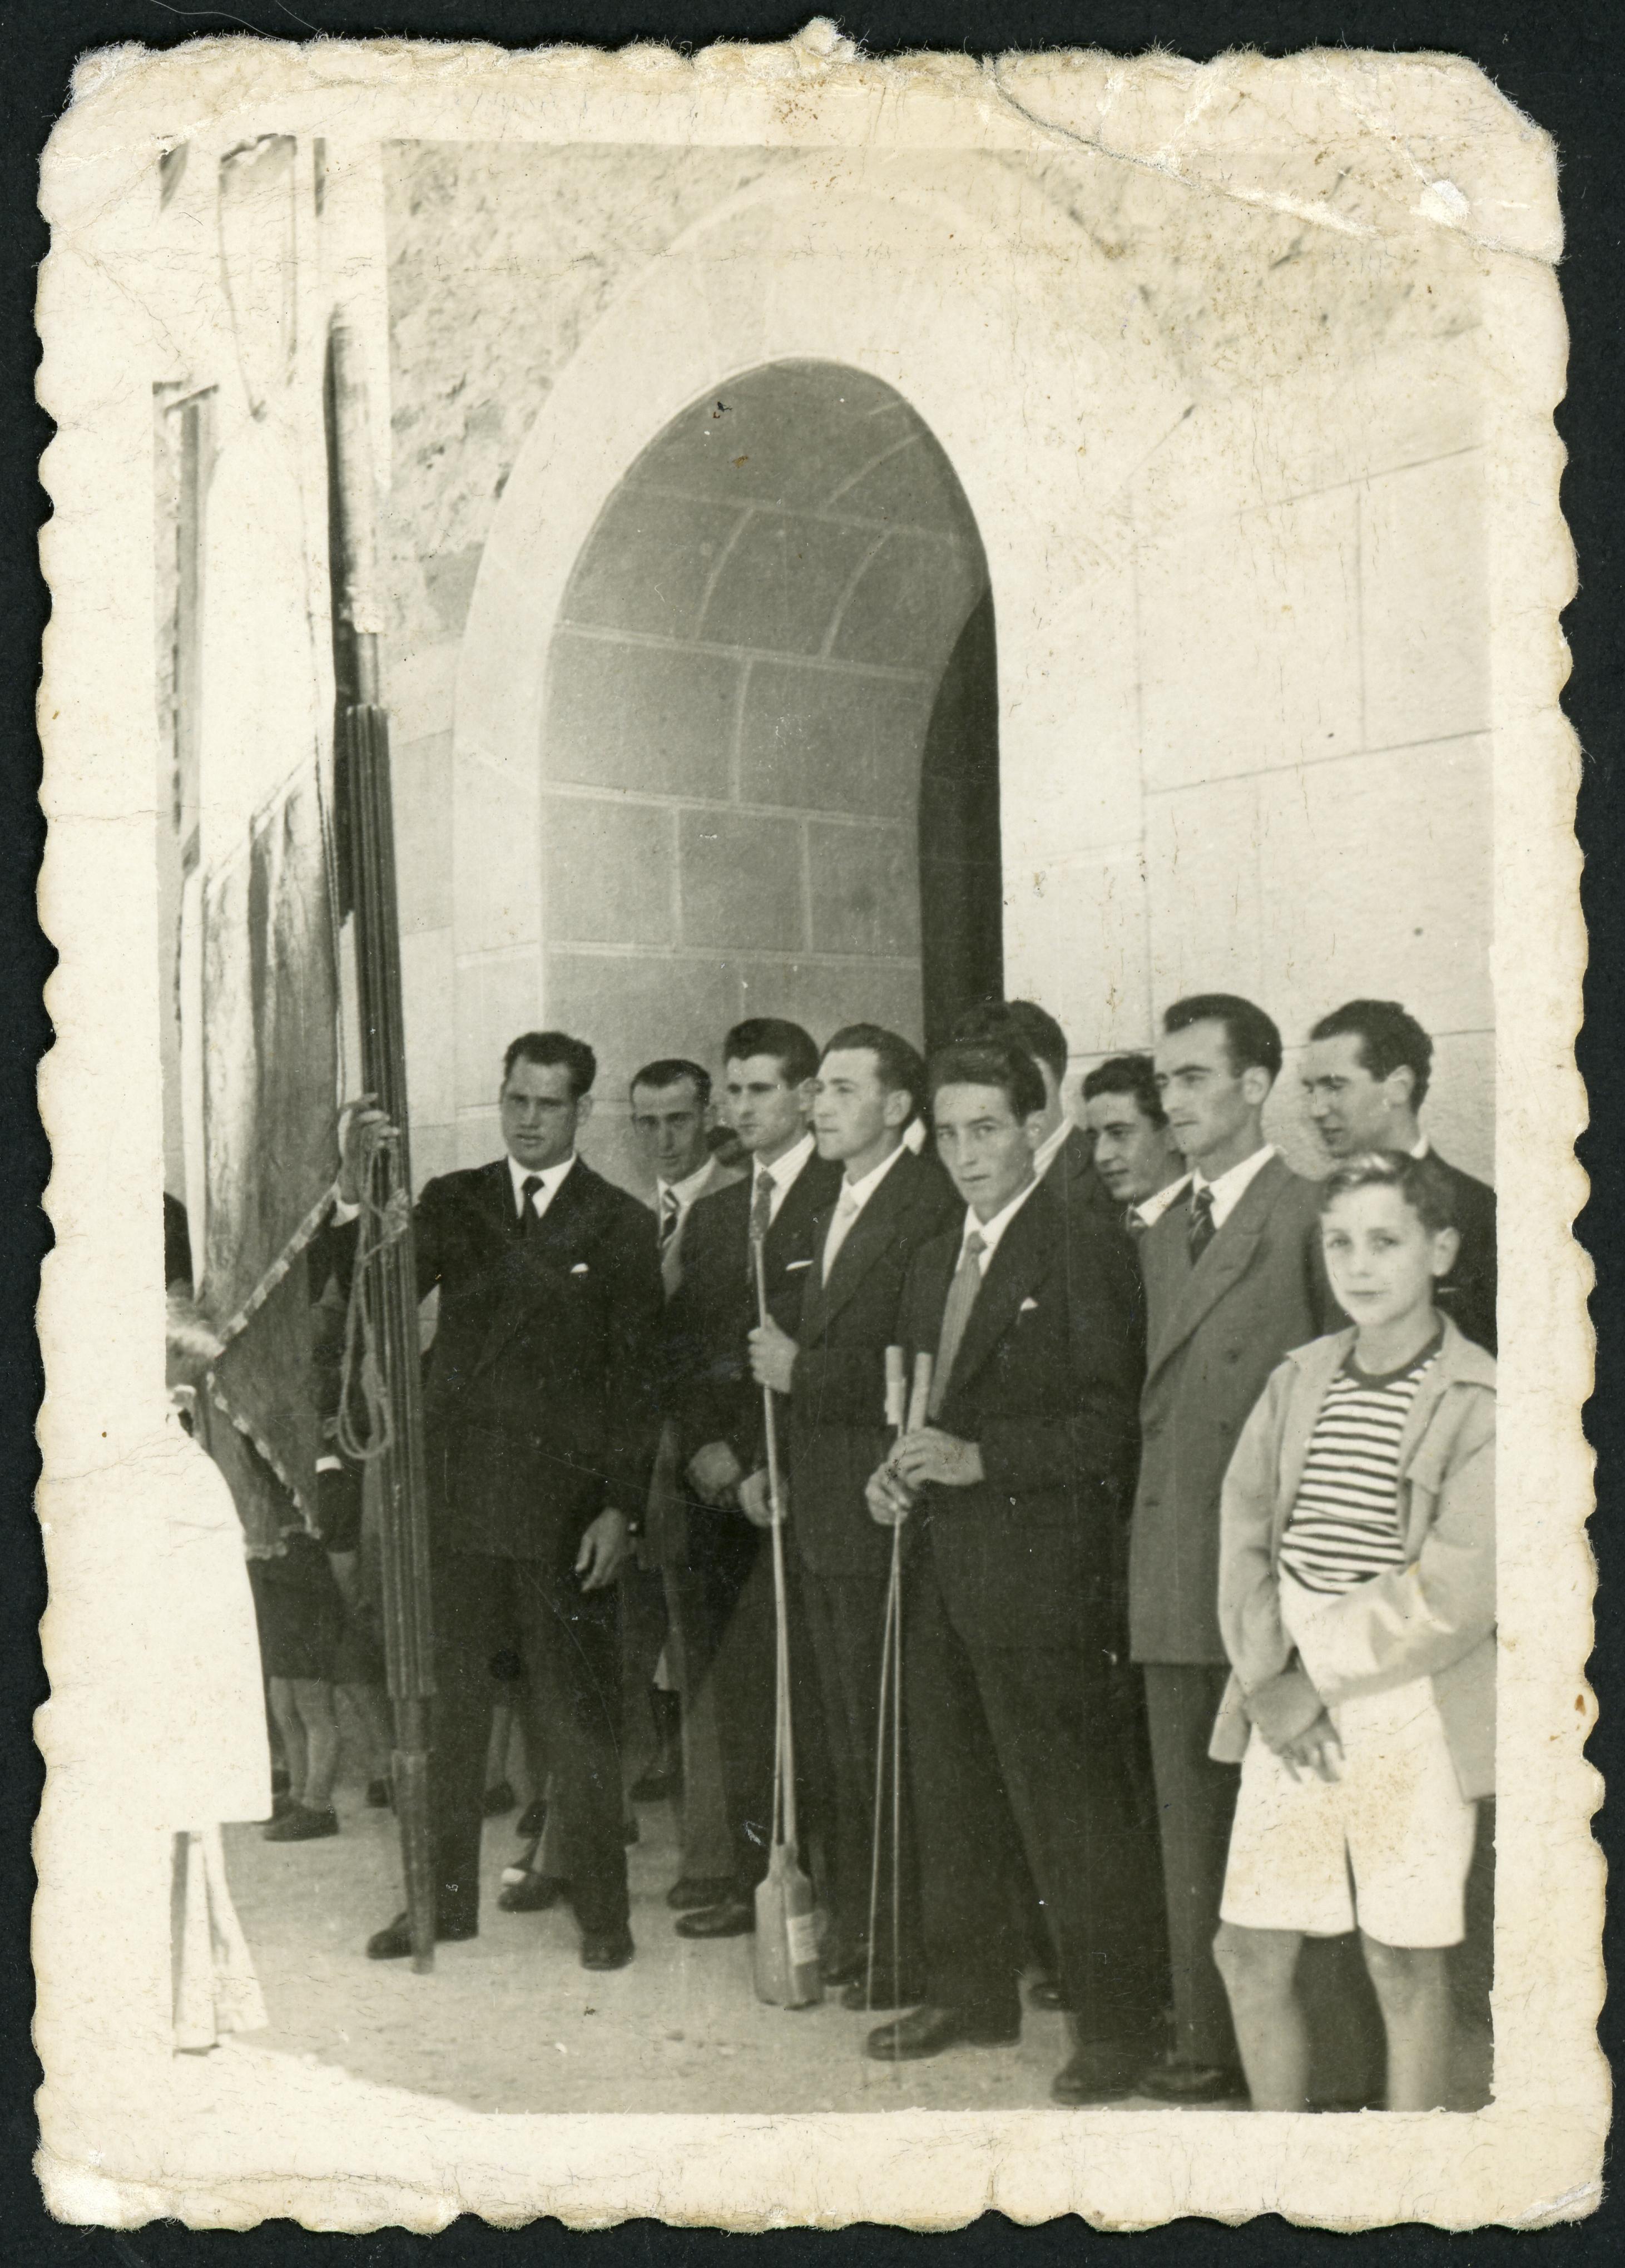 Con el pendón y cohetes a la puerta de la iglesia de Ambasaguas de Curueño